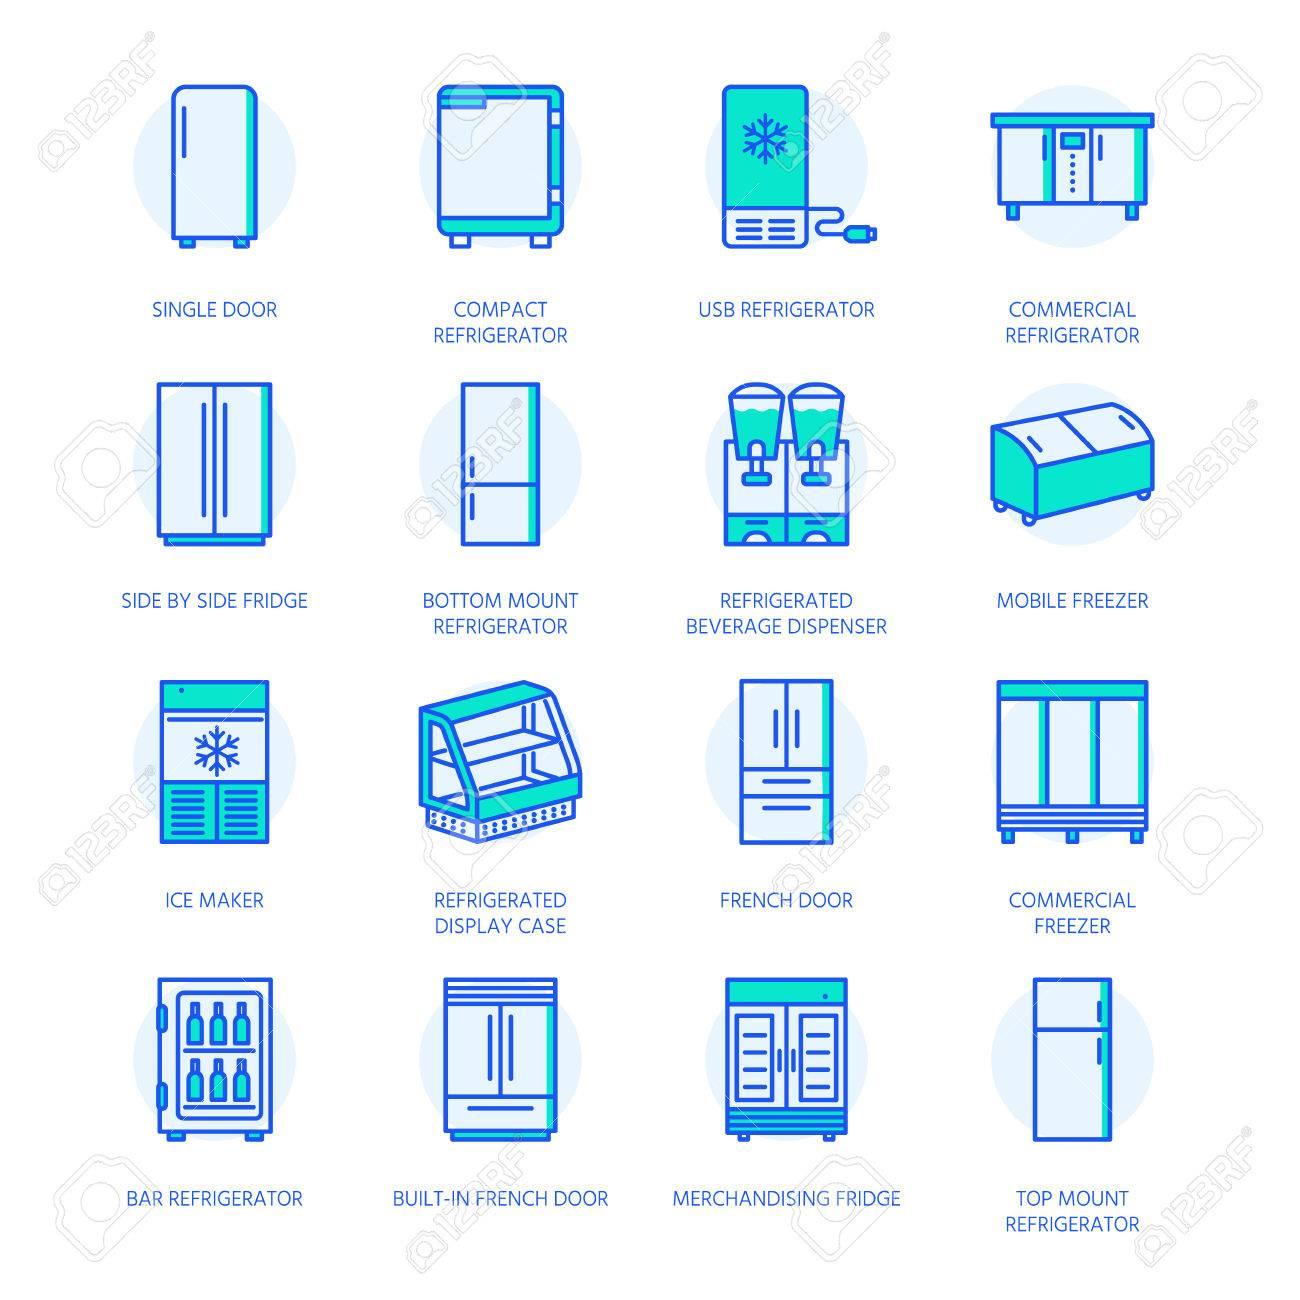 Kühlschränke Flatline Icons. Kühlschränke, Gefrierschrank ...